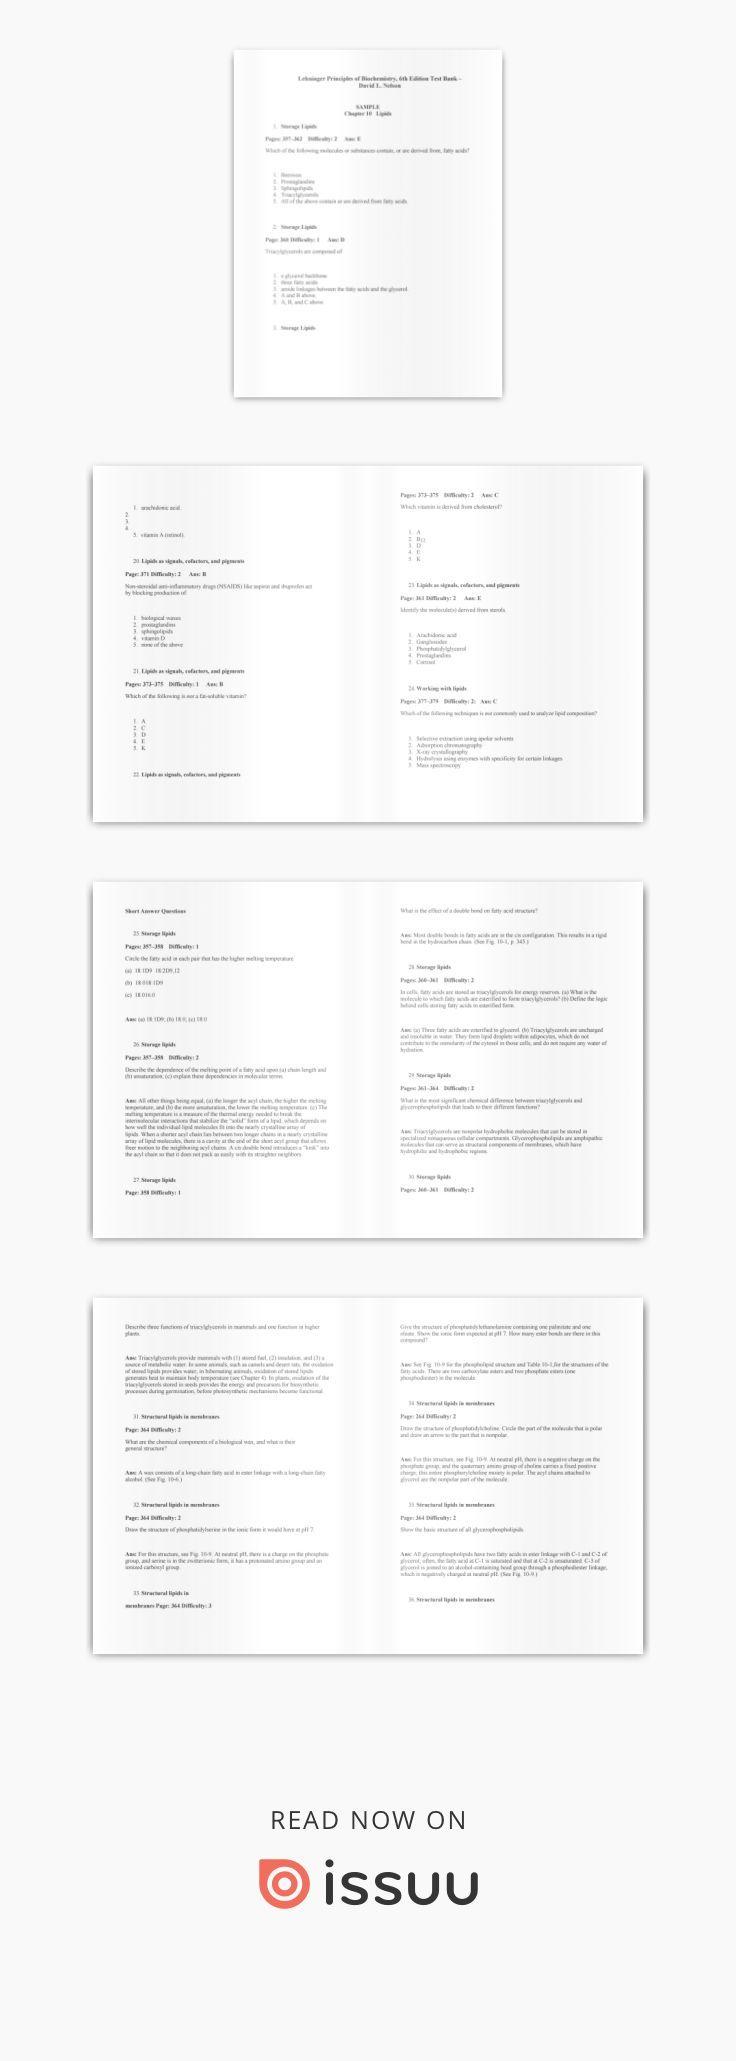 Dowwnload pdf test bank for lehninger principles of biochemistry 6th ...